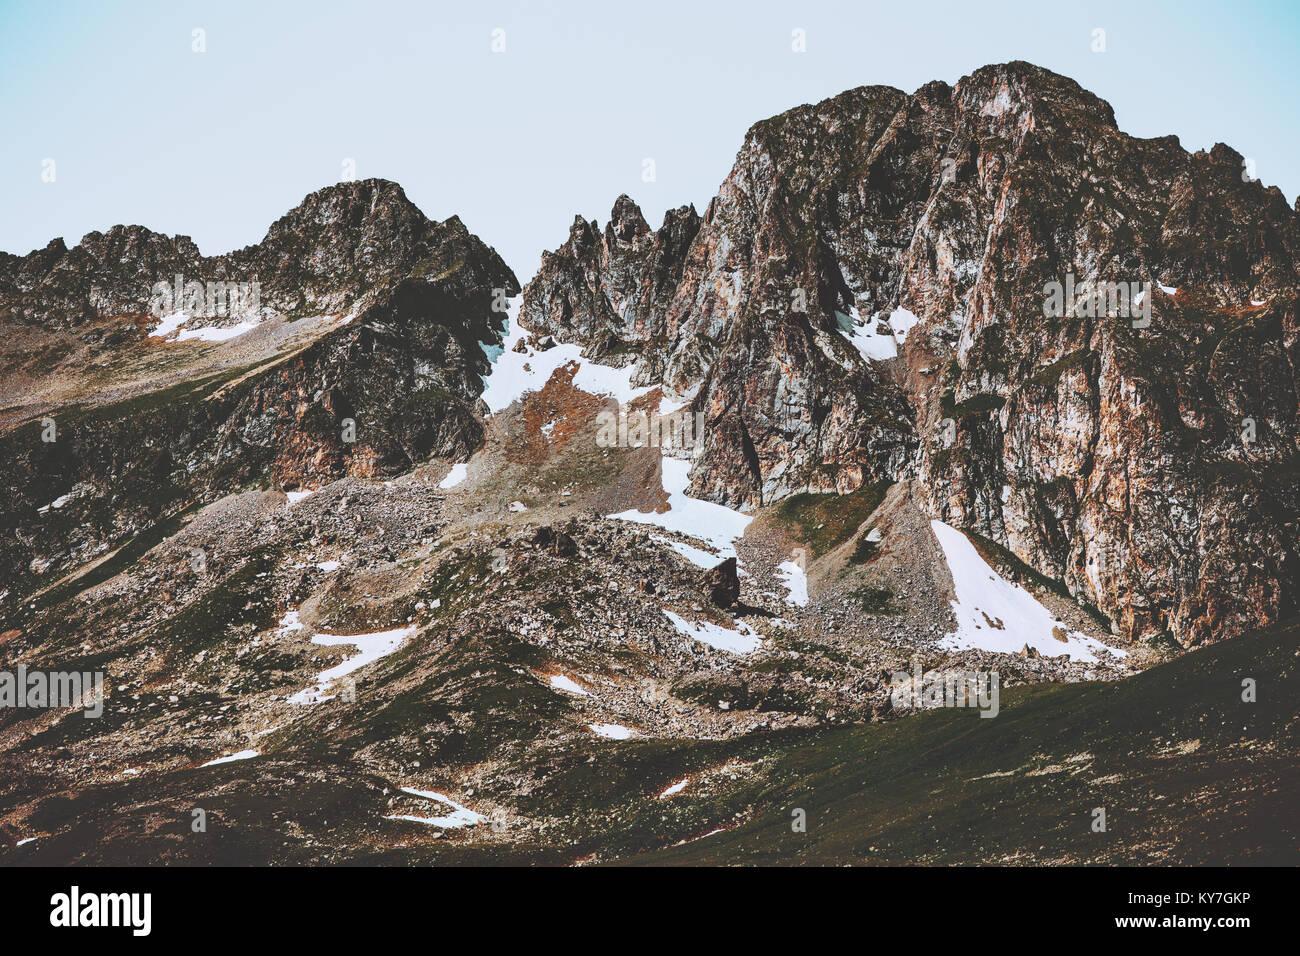 Montagne Rocciose paesaggio viaggio estivo natura selvaggia scenario Immagini Stock